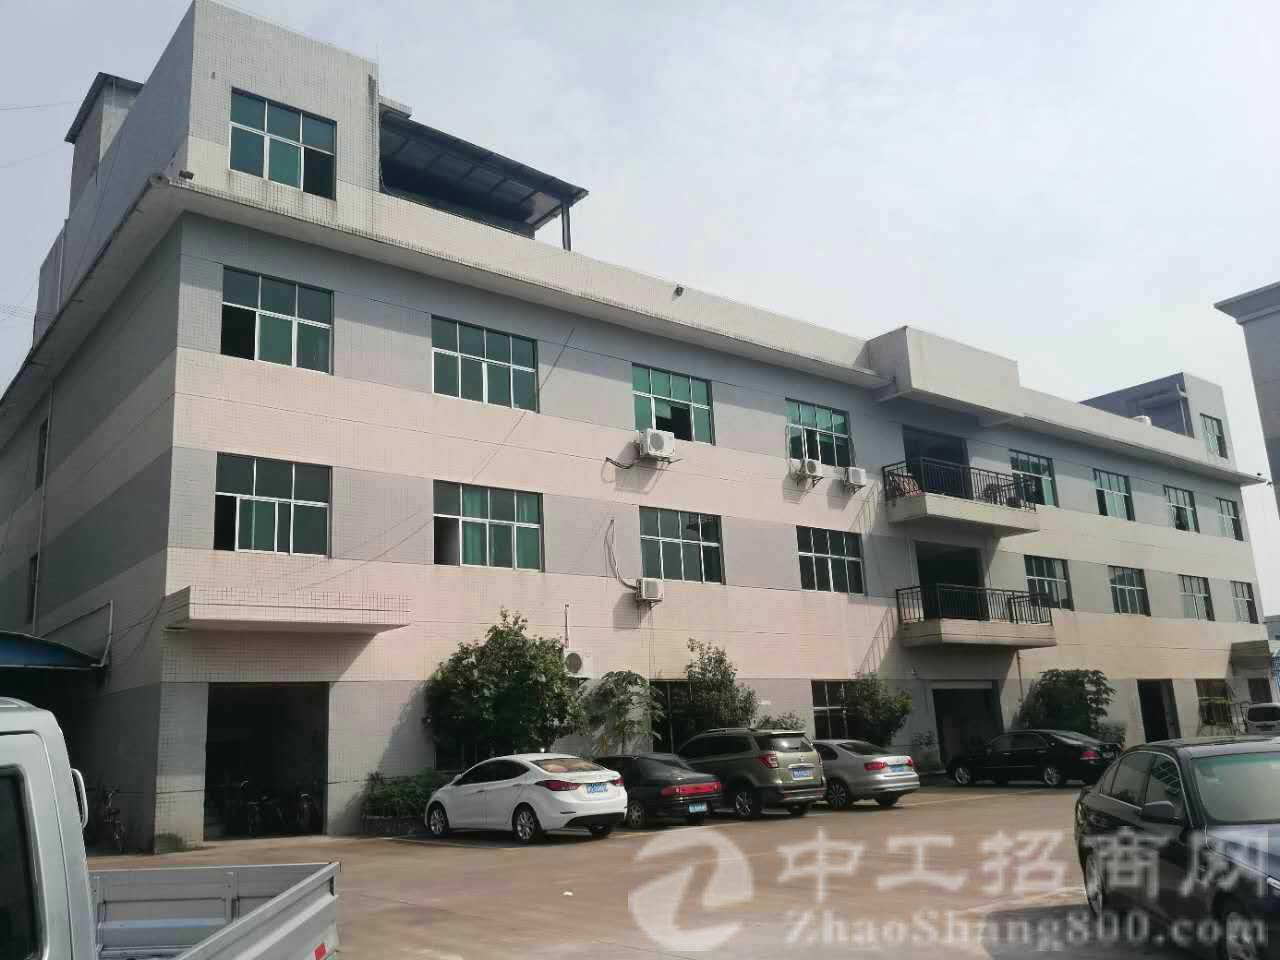 茶山镇新出厂房。厂房三层,面积5580方一栋,可分两个独院,